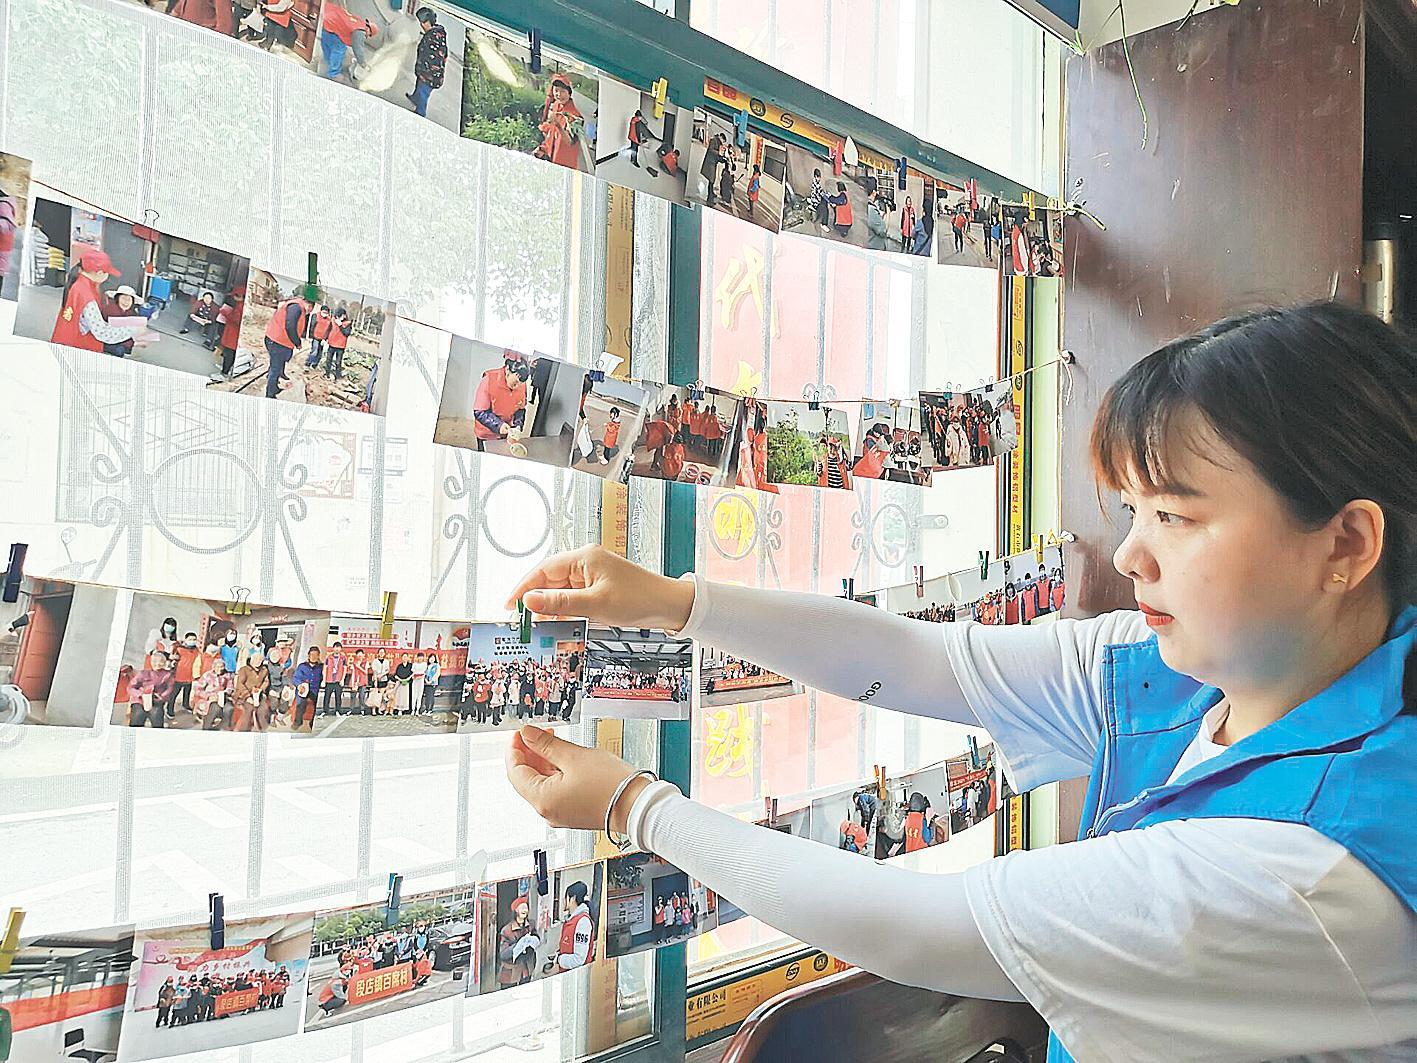 鄂州华容10支志愿服务队活跃百席村 互助志愿服务蔚然成风